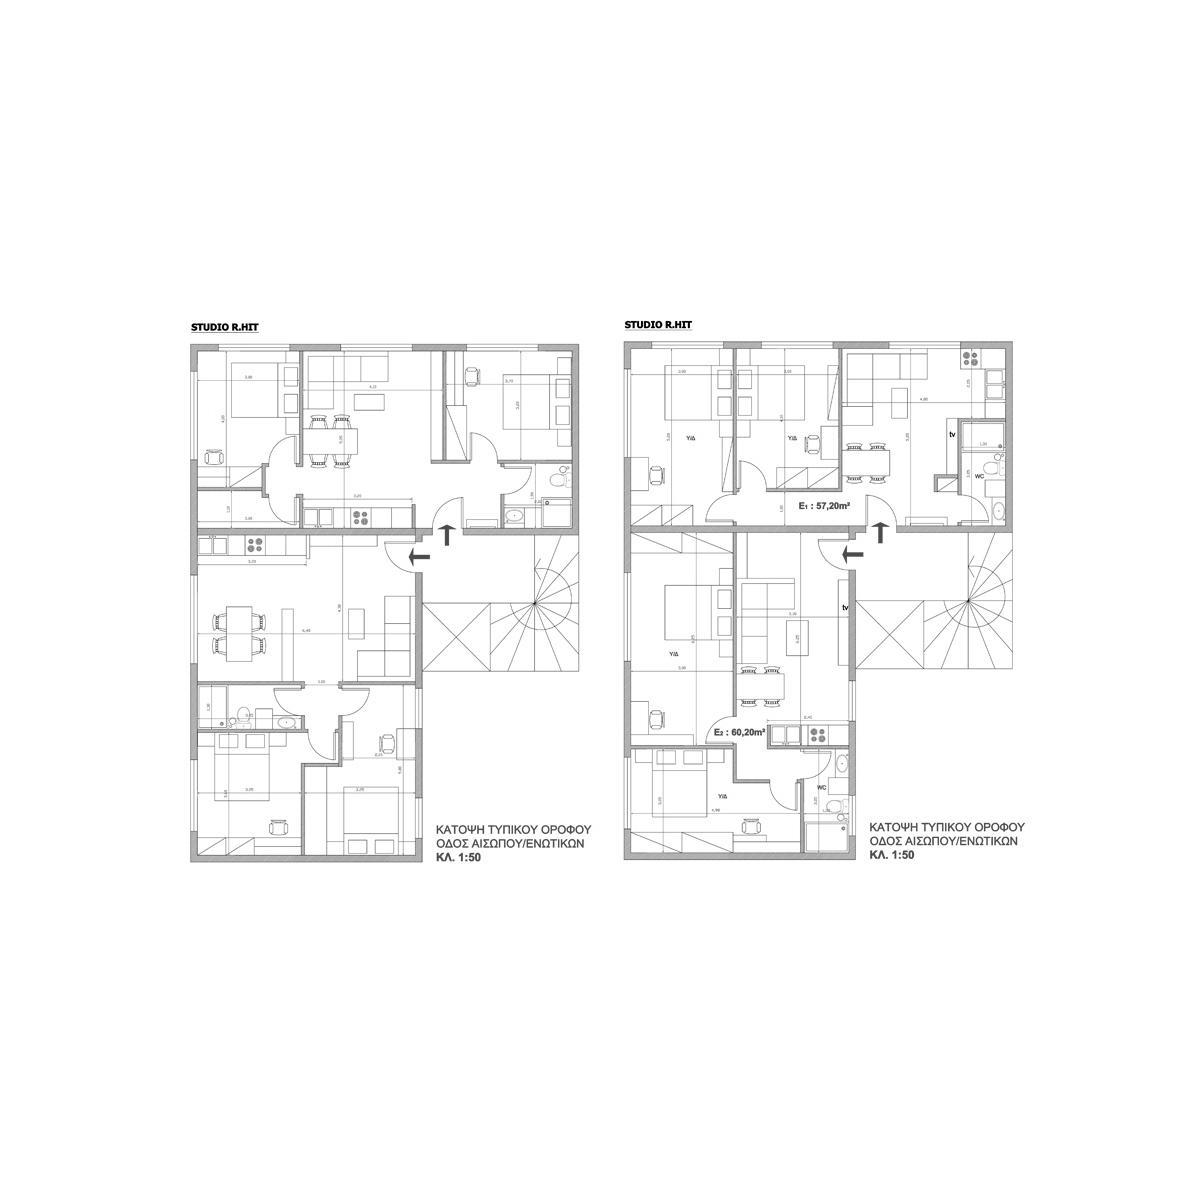 Architectural Design 01